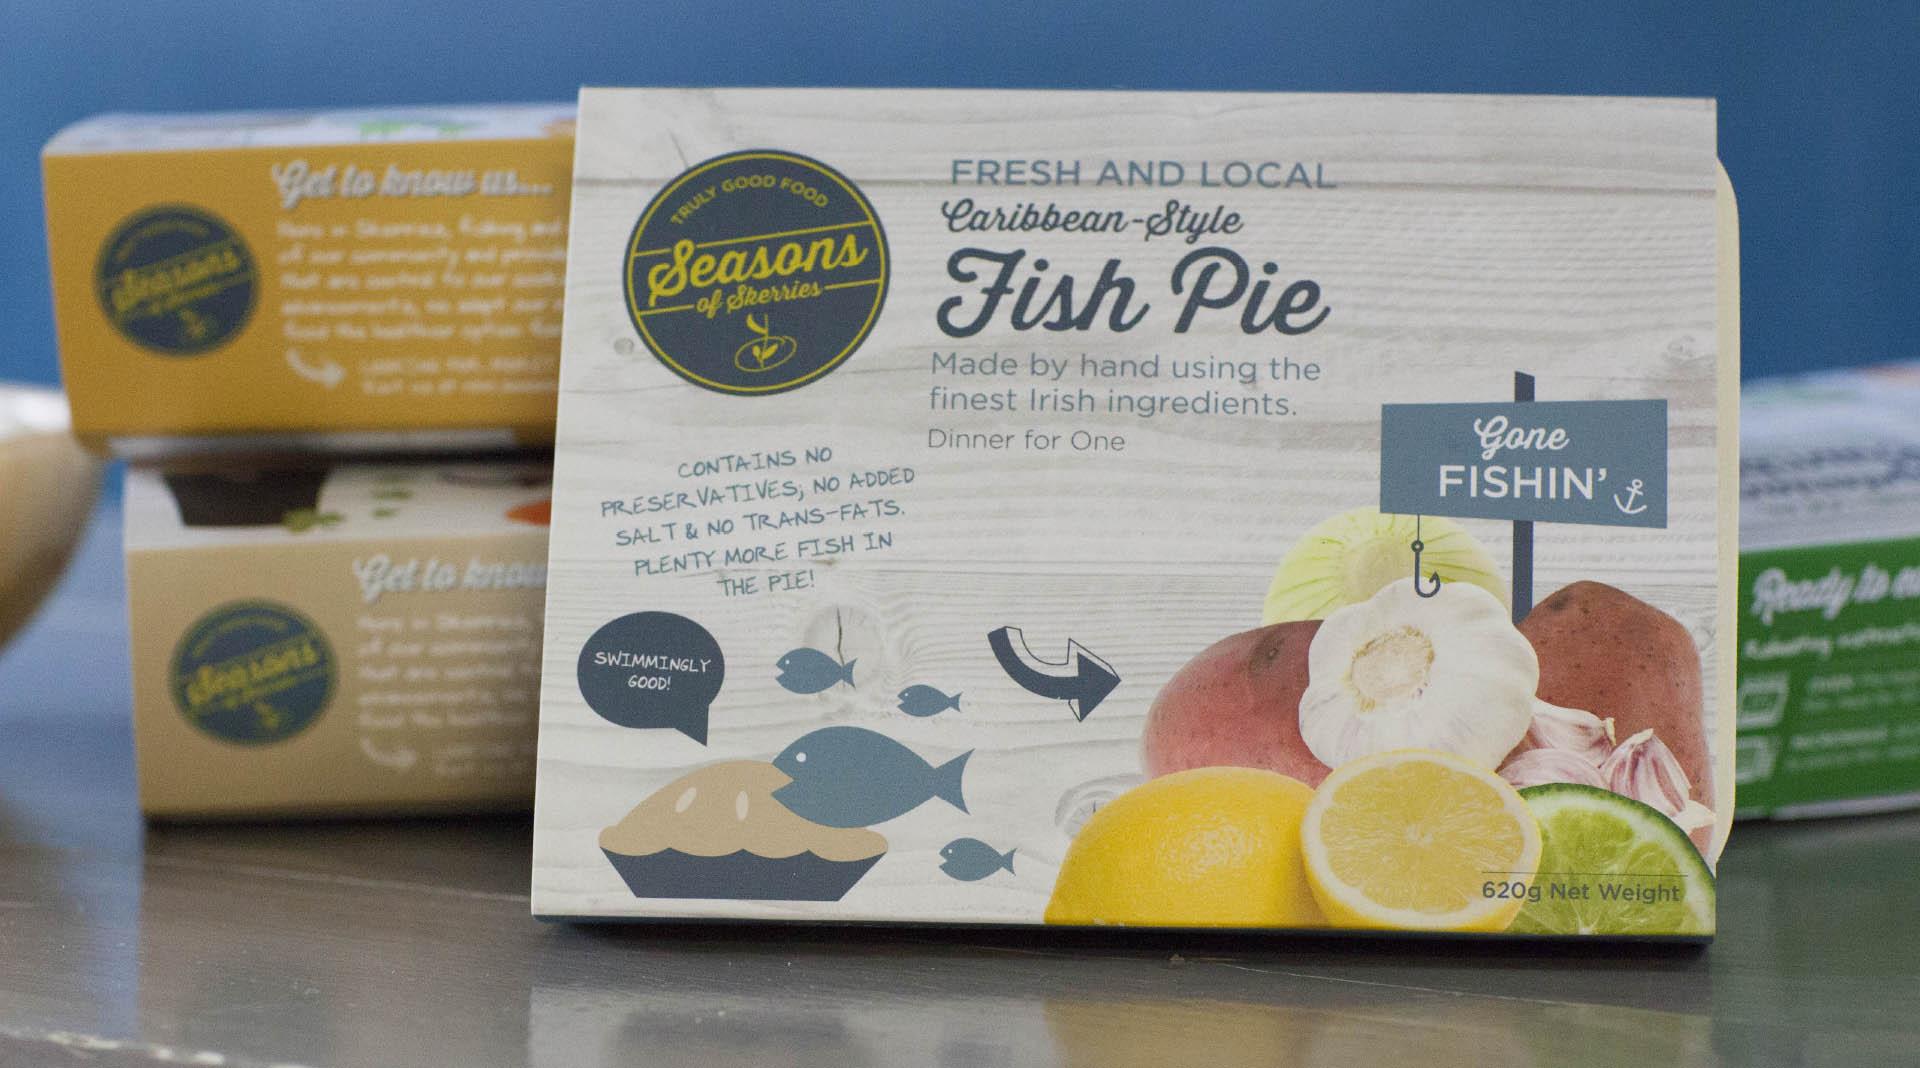 Seasons of Skerries food packaging design Dublin Food Packaging Design Ready Meals.